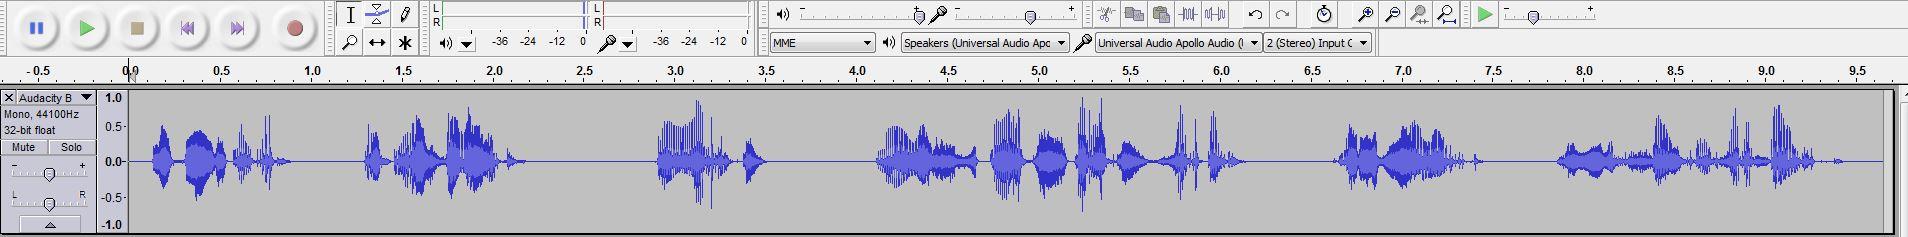 Audacity Voice Over Raw Audio Recording